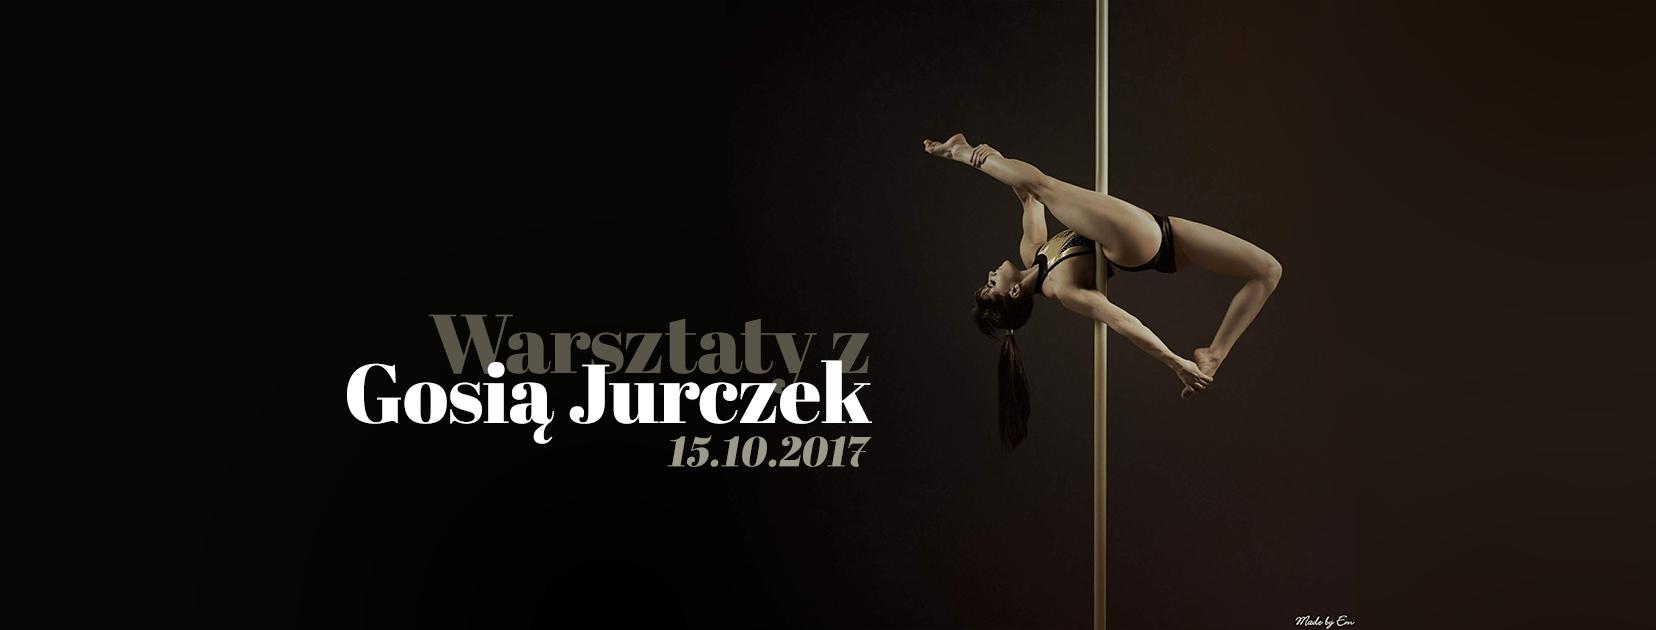 Warsztaty Pole Dance z Gosią Jurczek